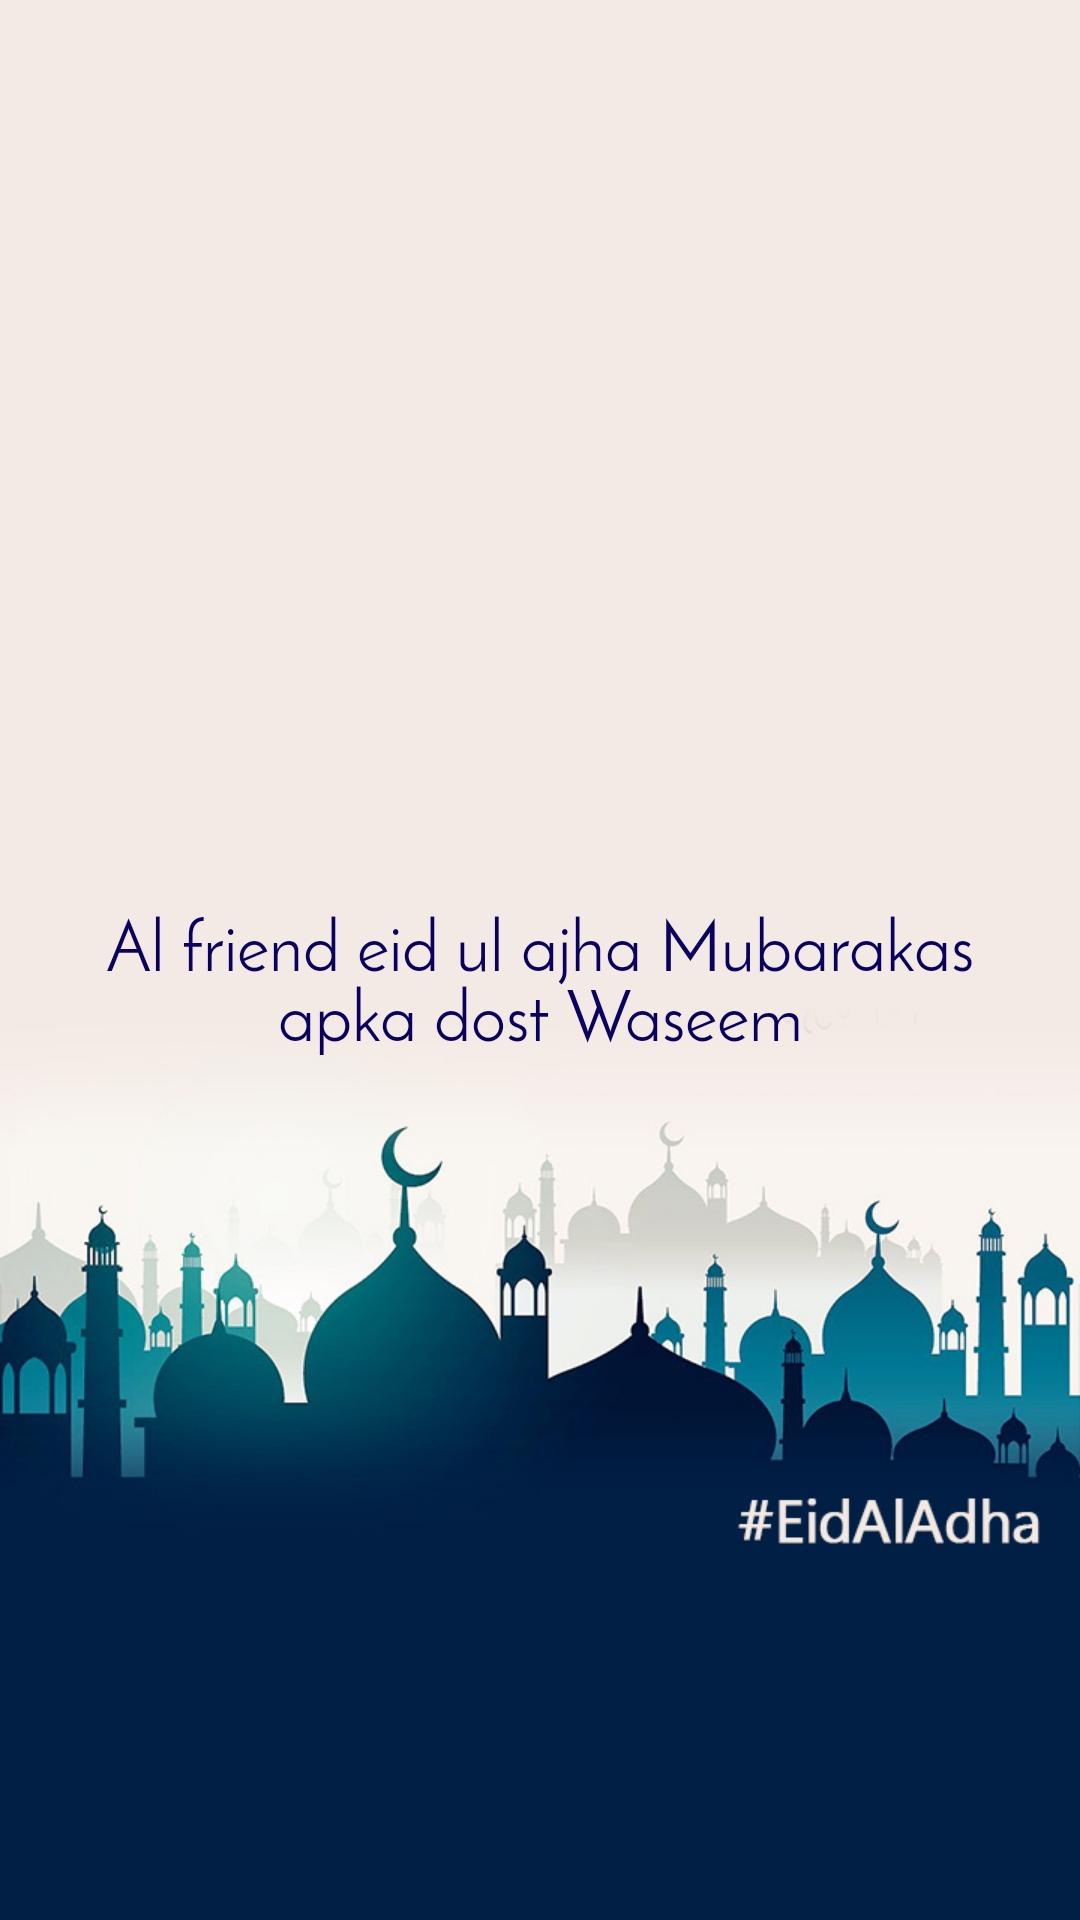 Al friend eid ul ajha Mubarakas apka dost Waseem